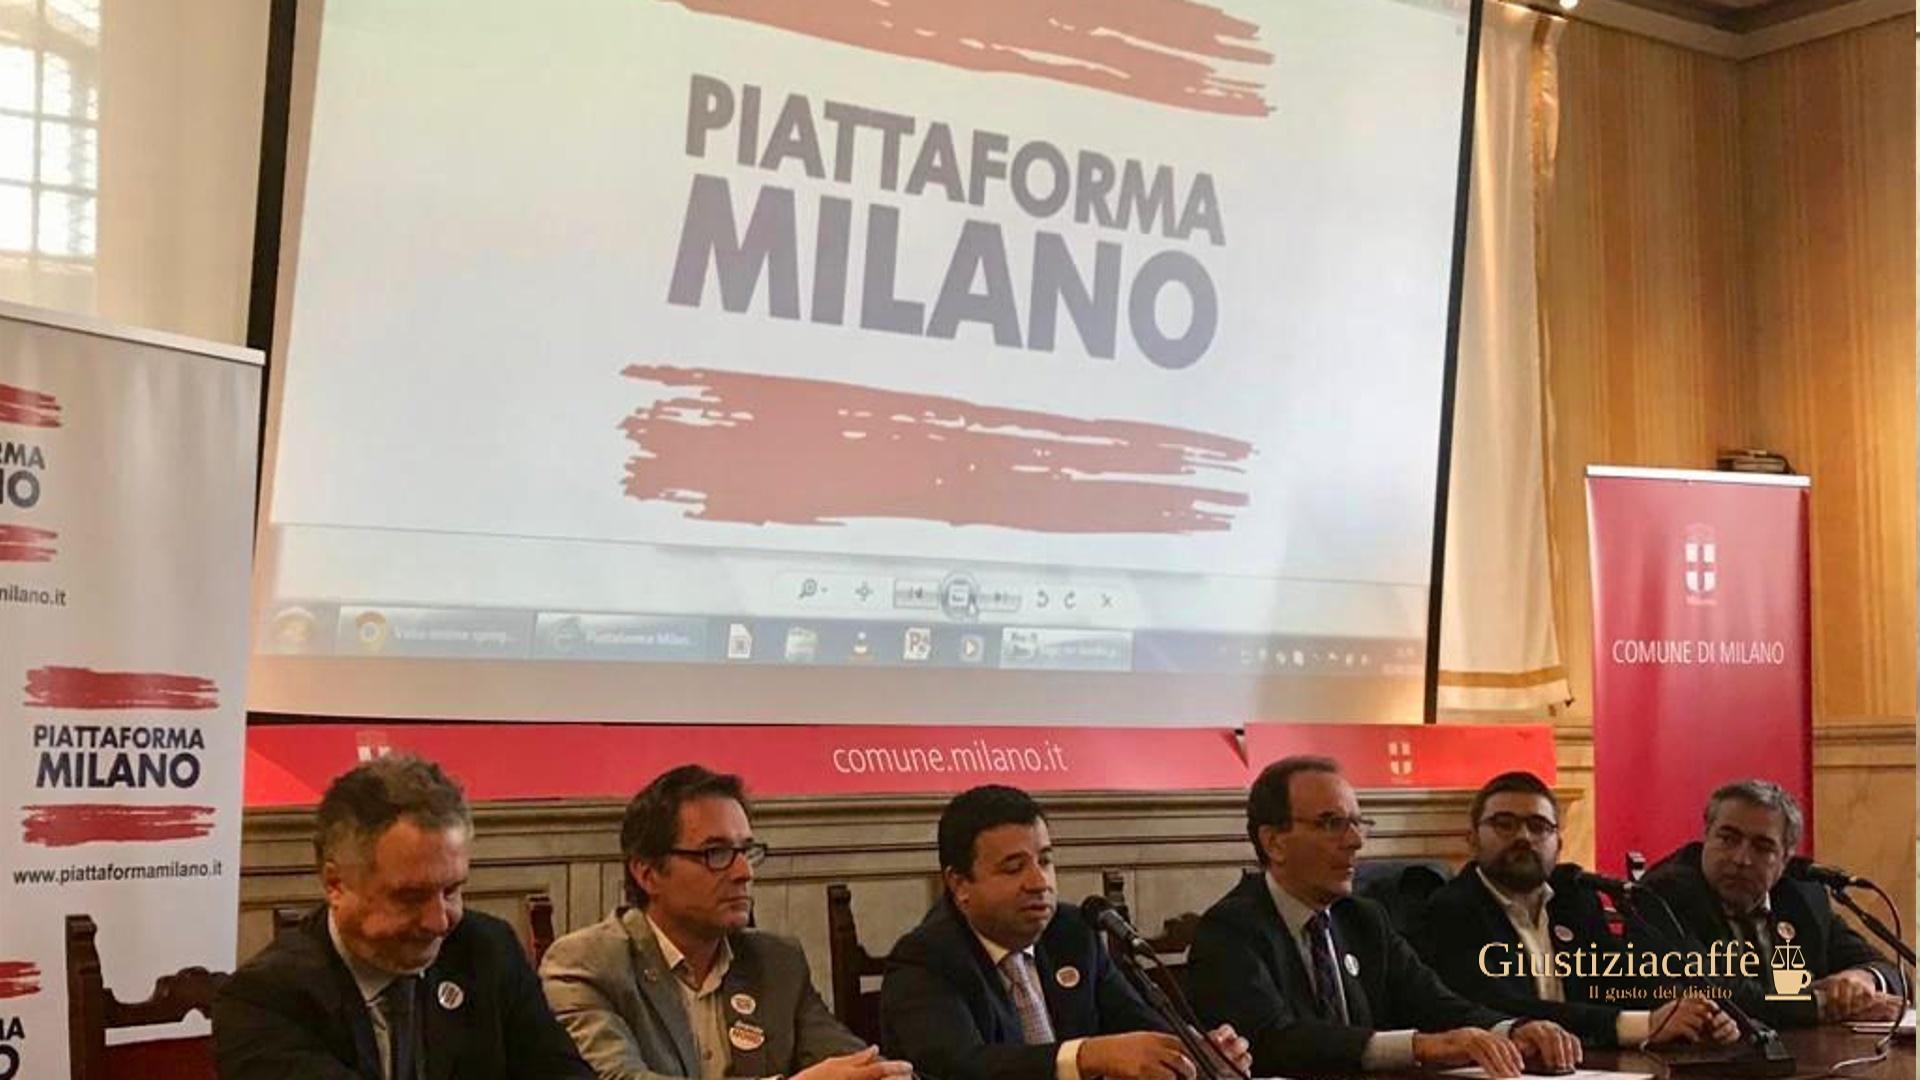 Piattaforma Milano, 5mila votano: eletto portavoce Carmelo Ferraro